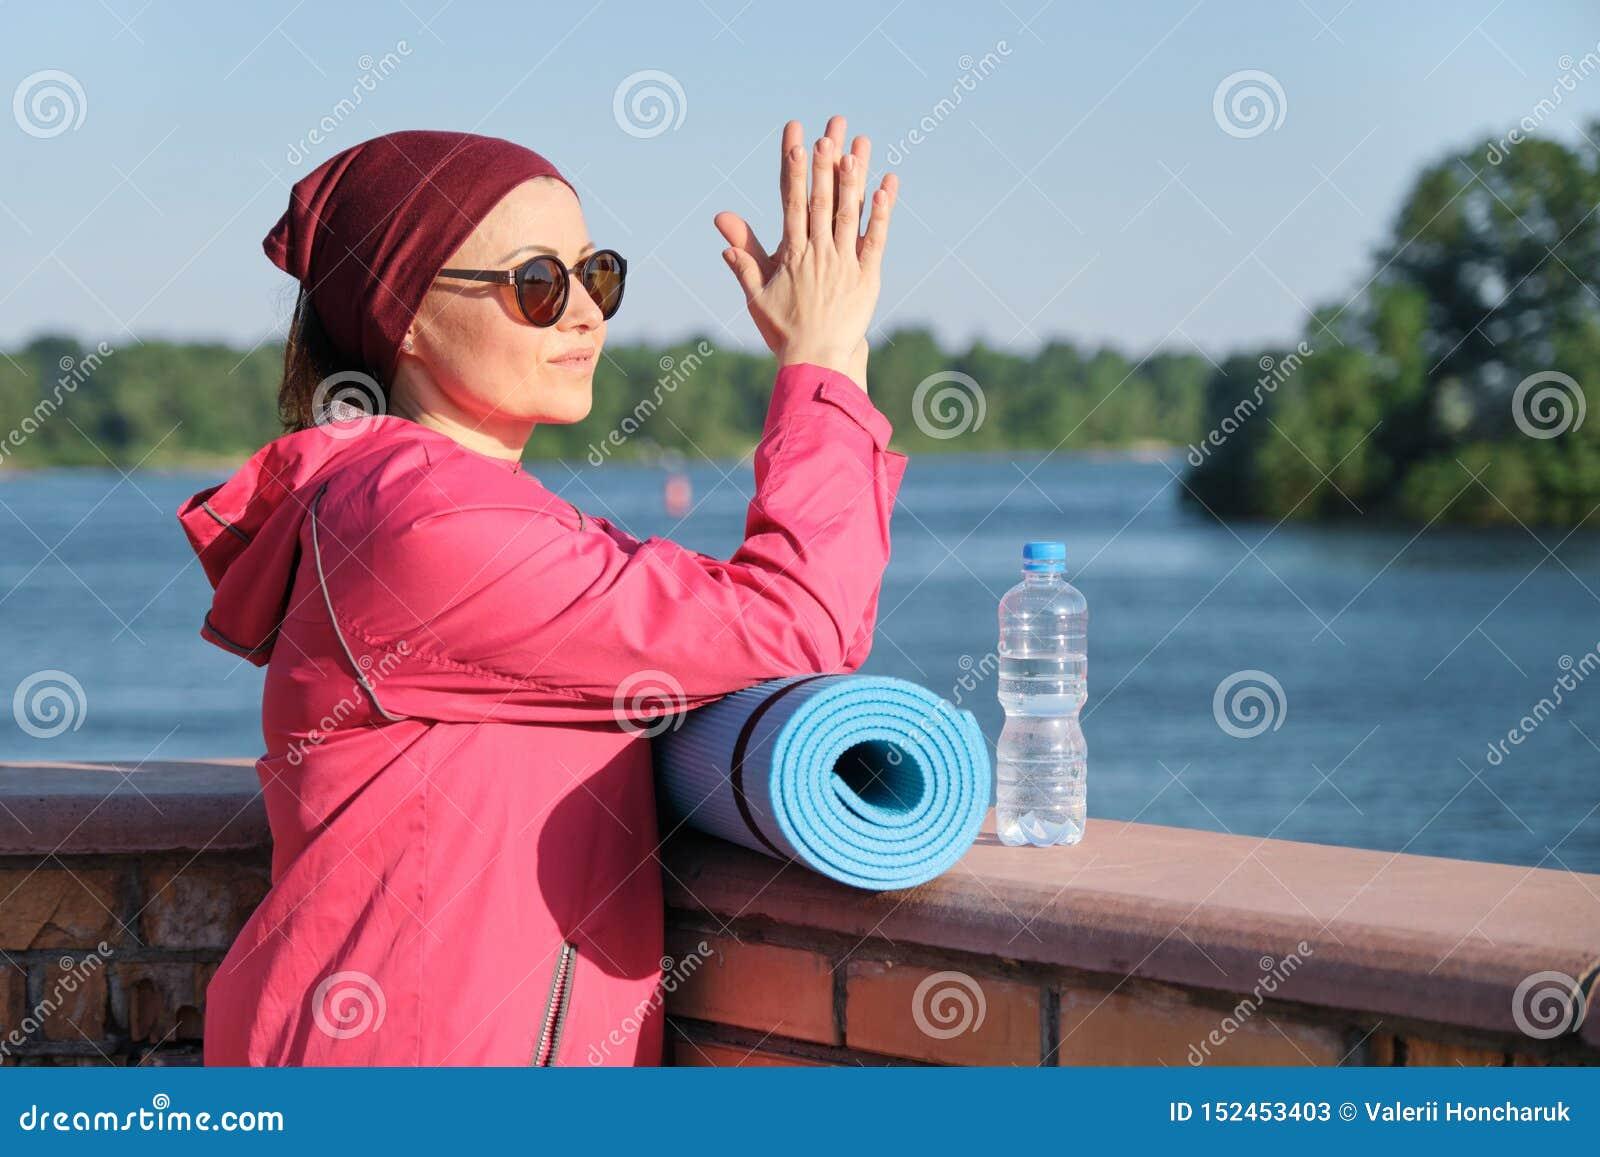 Здоровый образ жизни зрелой женщины, на открытом воздухе портрета женщины возраста в sportswear с циновкой йоги и бутылки воды